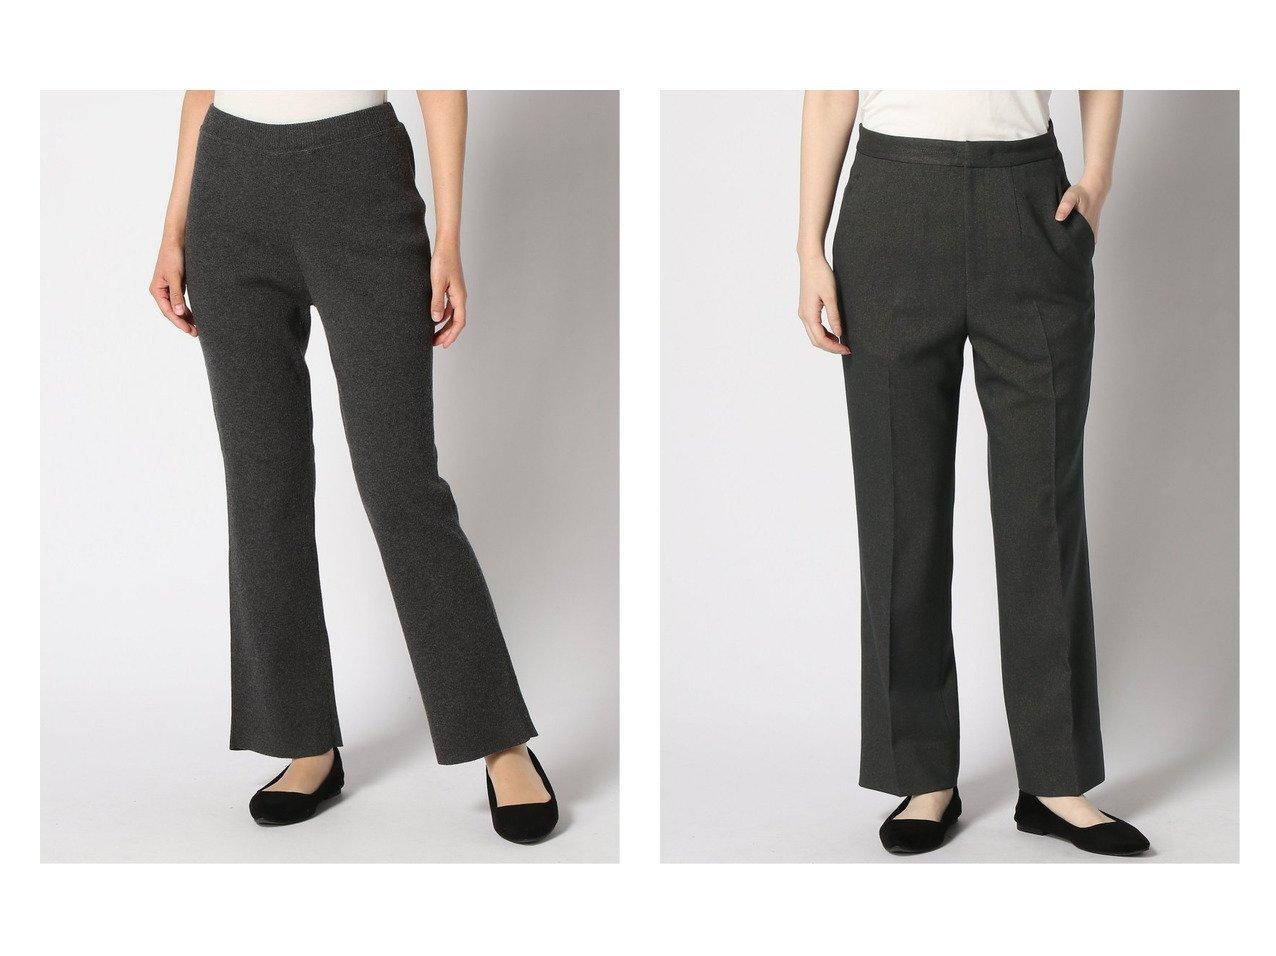 【Plage/プラージュ】のCO RIB PT Re.&【SLOBE IENA/スローブ イエナ】のキモウツイルストレートPT Re. パンツのおすすめ!人気、トレンド・レディースファッションの通販 おすすめで人気の流行・トレンド、ファッションの通販商品 メンズファッション・キッズファッション・インテリア・家具・レディースファッション・服の通販 founy(ファニー) https://founy.com/ ファッション Fashion レディースファッション WOMEN パンツ Pants NEW・新作・新着・新入荷 New Arrivals 2020年 2020 2020-2021 秋冬 A/W AW Autumn/Winter / FW Fall-Winter 2020-2021 A/W 秋冬 AW Autumn/Winter / FW Fall-Winter ジーンズ ストレッチ ストレート トレンド  ID:crp329100000010697